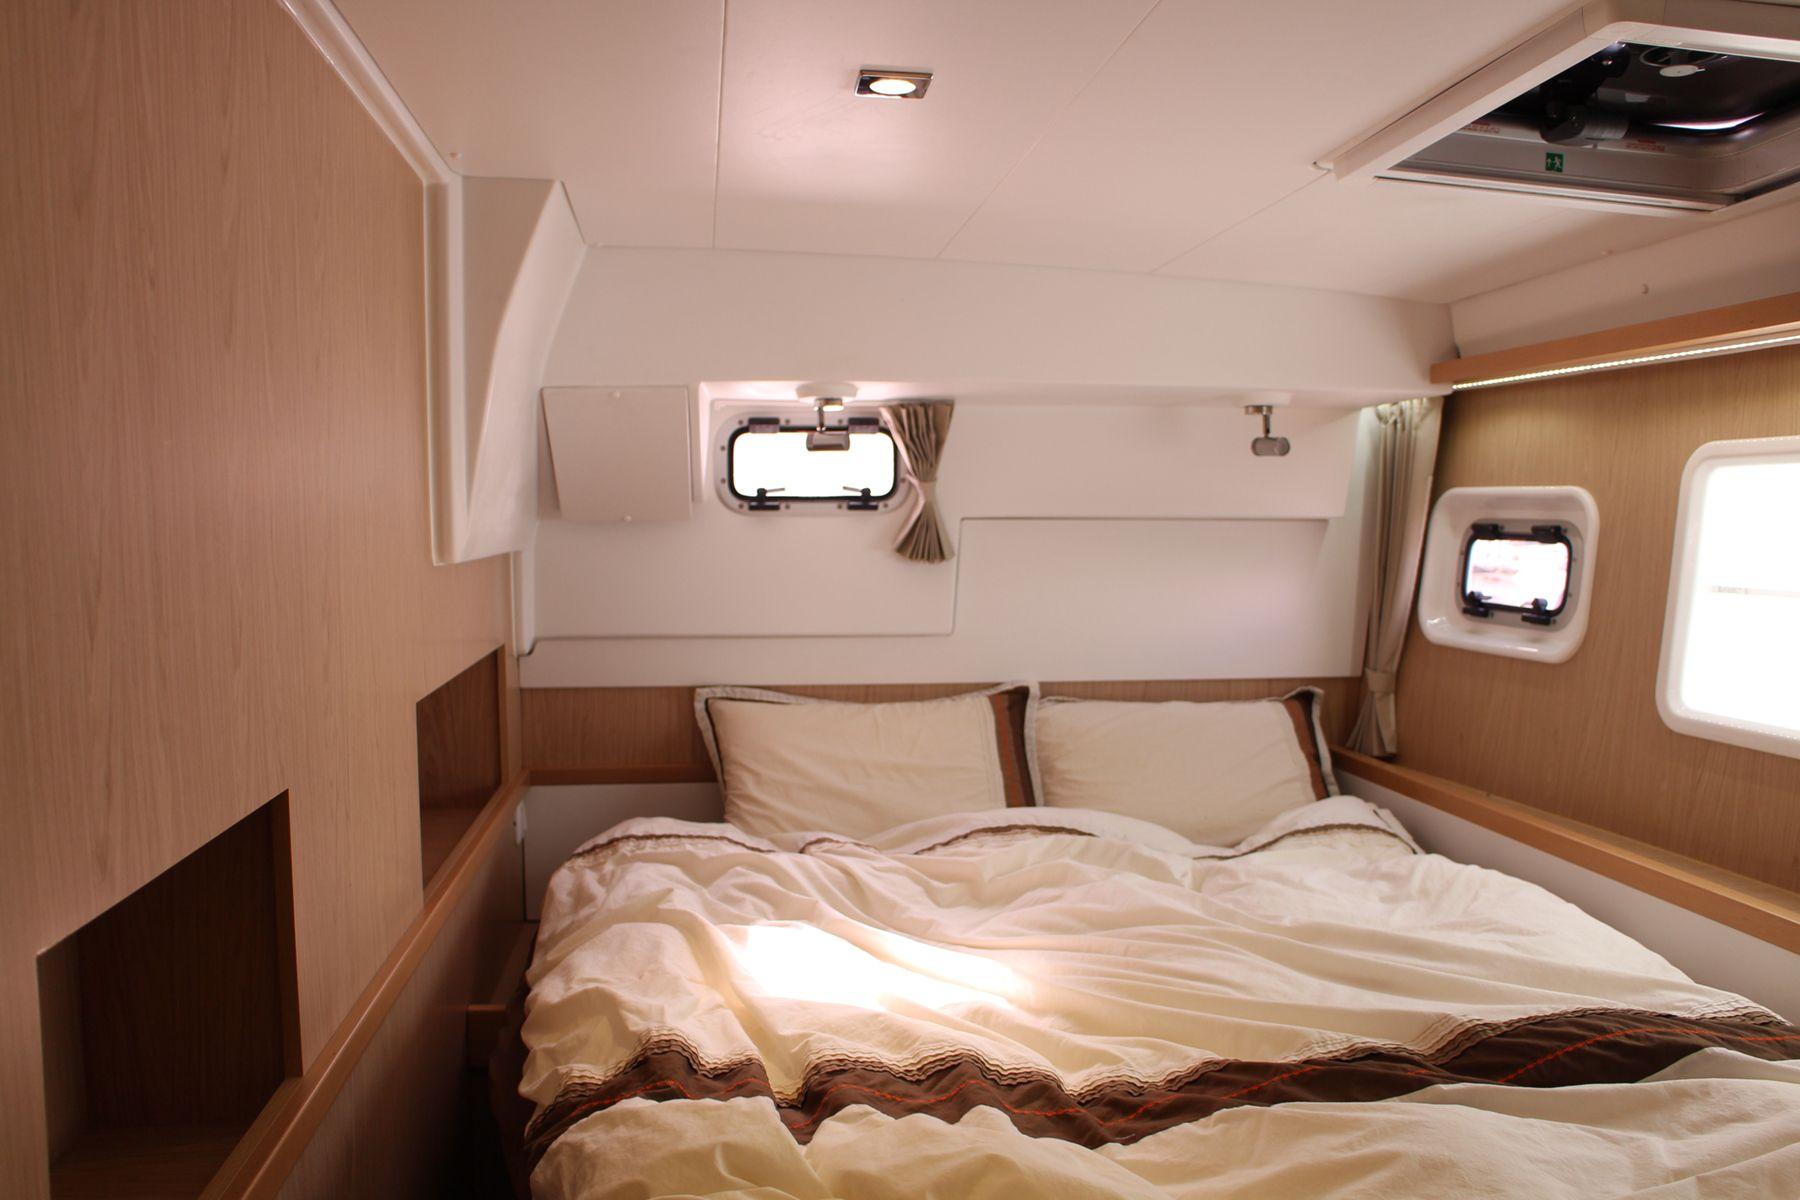 ダンダダ・フェニックス カタマランヨット・クルーザーguest bed room 2